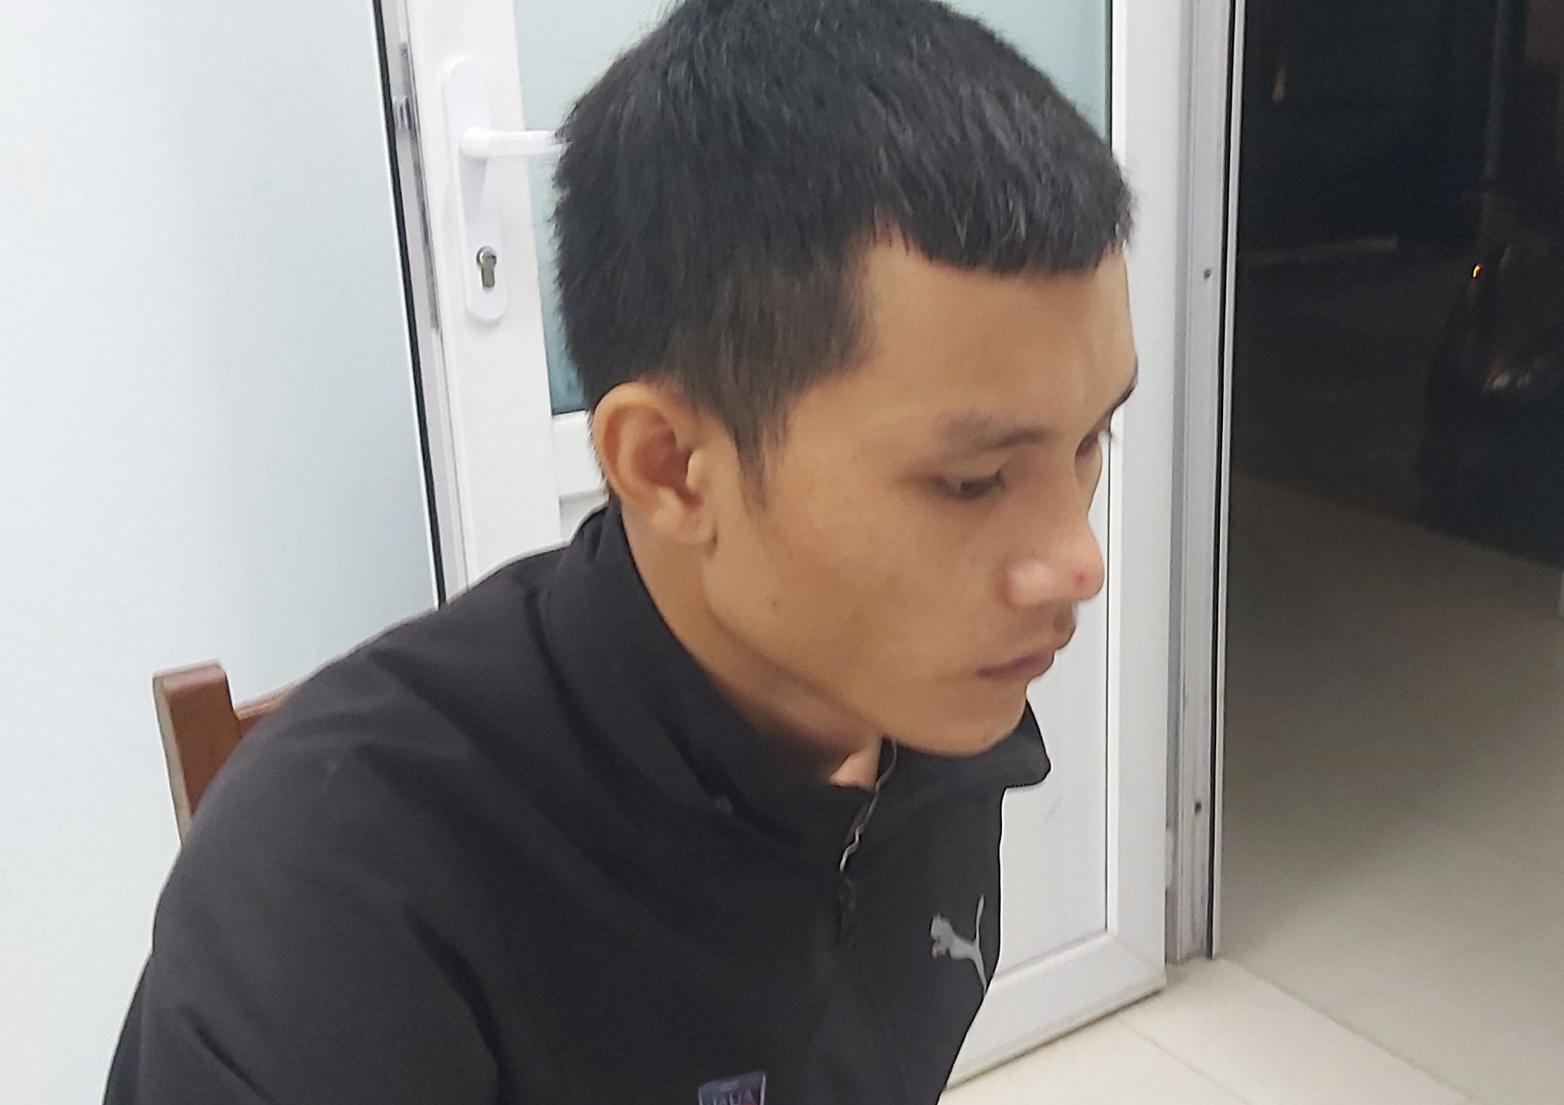 9X thuê phòng trọ, mở 'xưởng' sản xuất bằng lái xe giả ở Đà Nẵng